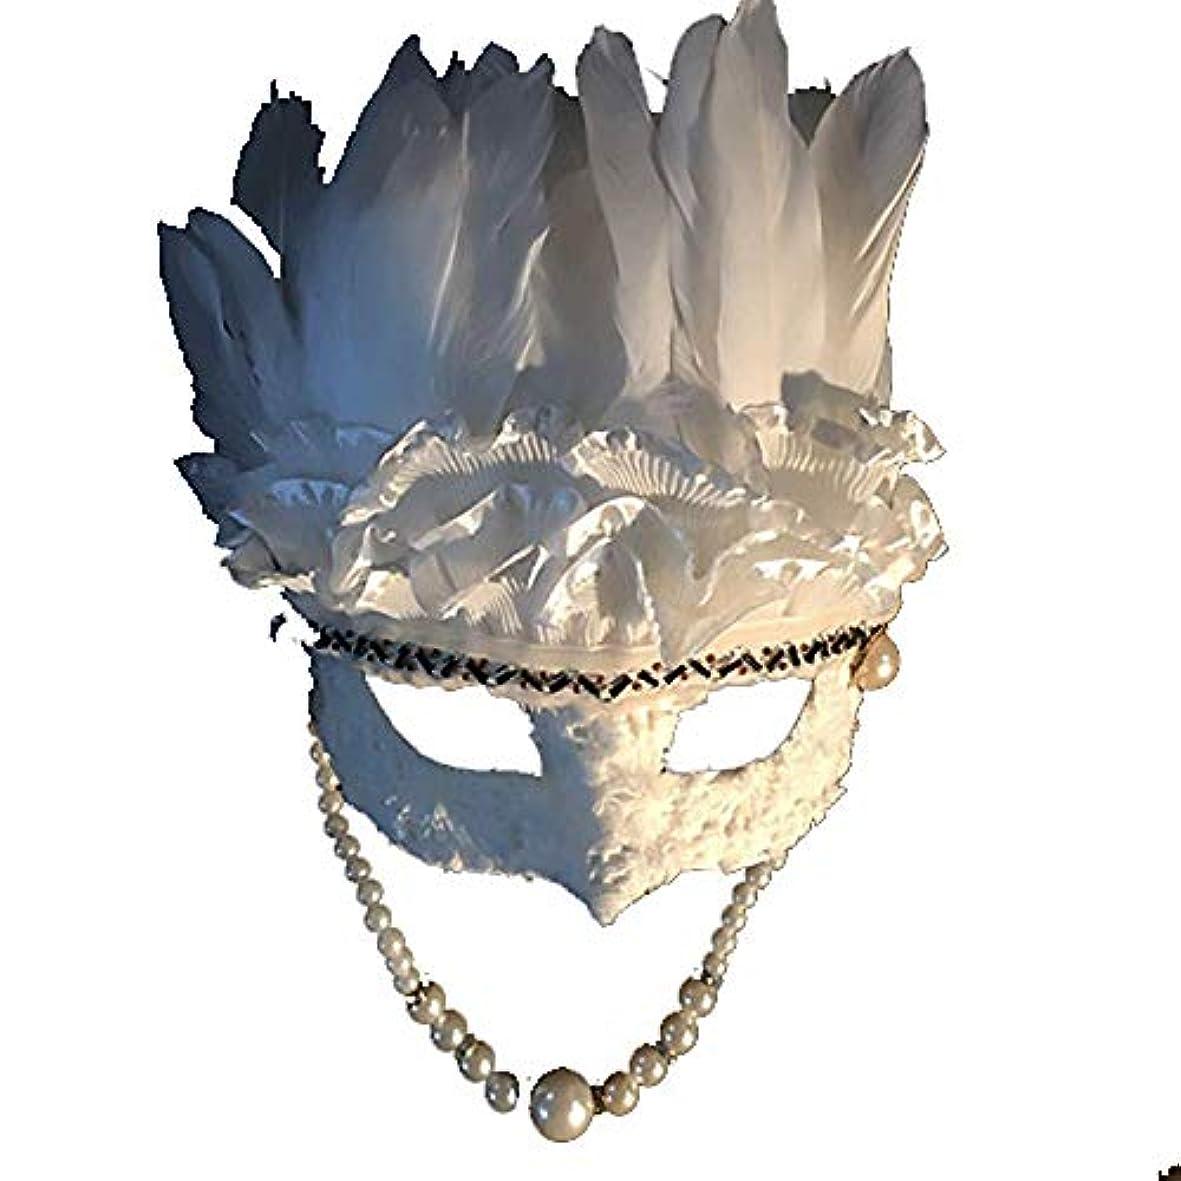 アンカー協力する獲物Nanle ハロウィンクリスマスフェザースパンコール刺繍ビーズマスク仮装マスクレディミスプリンセス美容祭パーティーデコレーションマスク